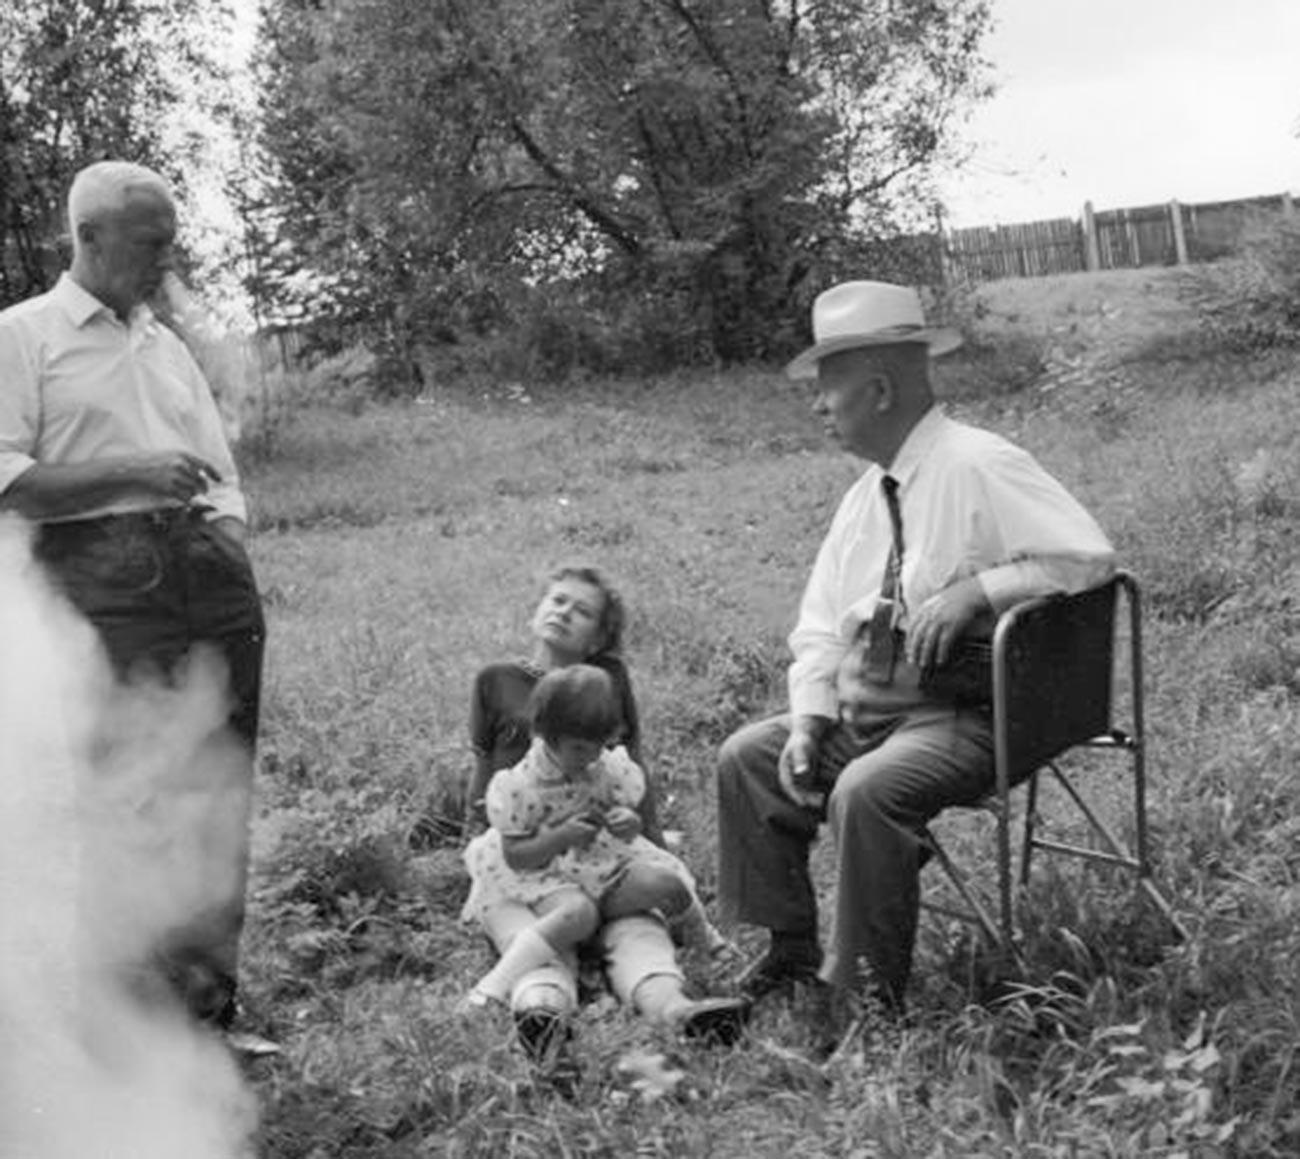 Никита Хрушчов, Роман Кармен и жена му с момиченцето им на поляна.